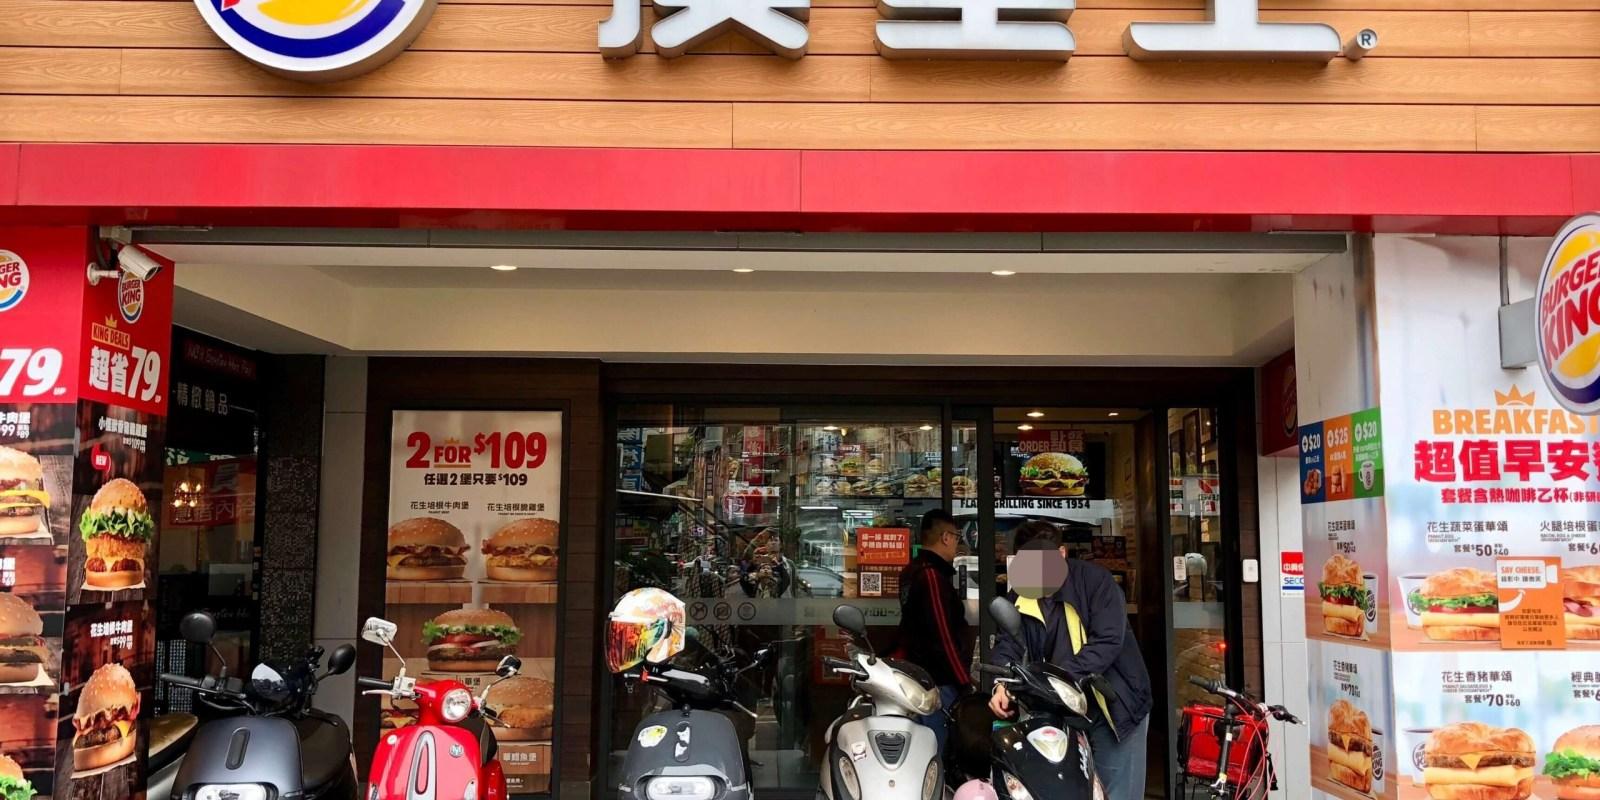 漢堡王|菜單、新品上市及分店資訊 (持續更新中)